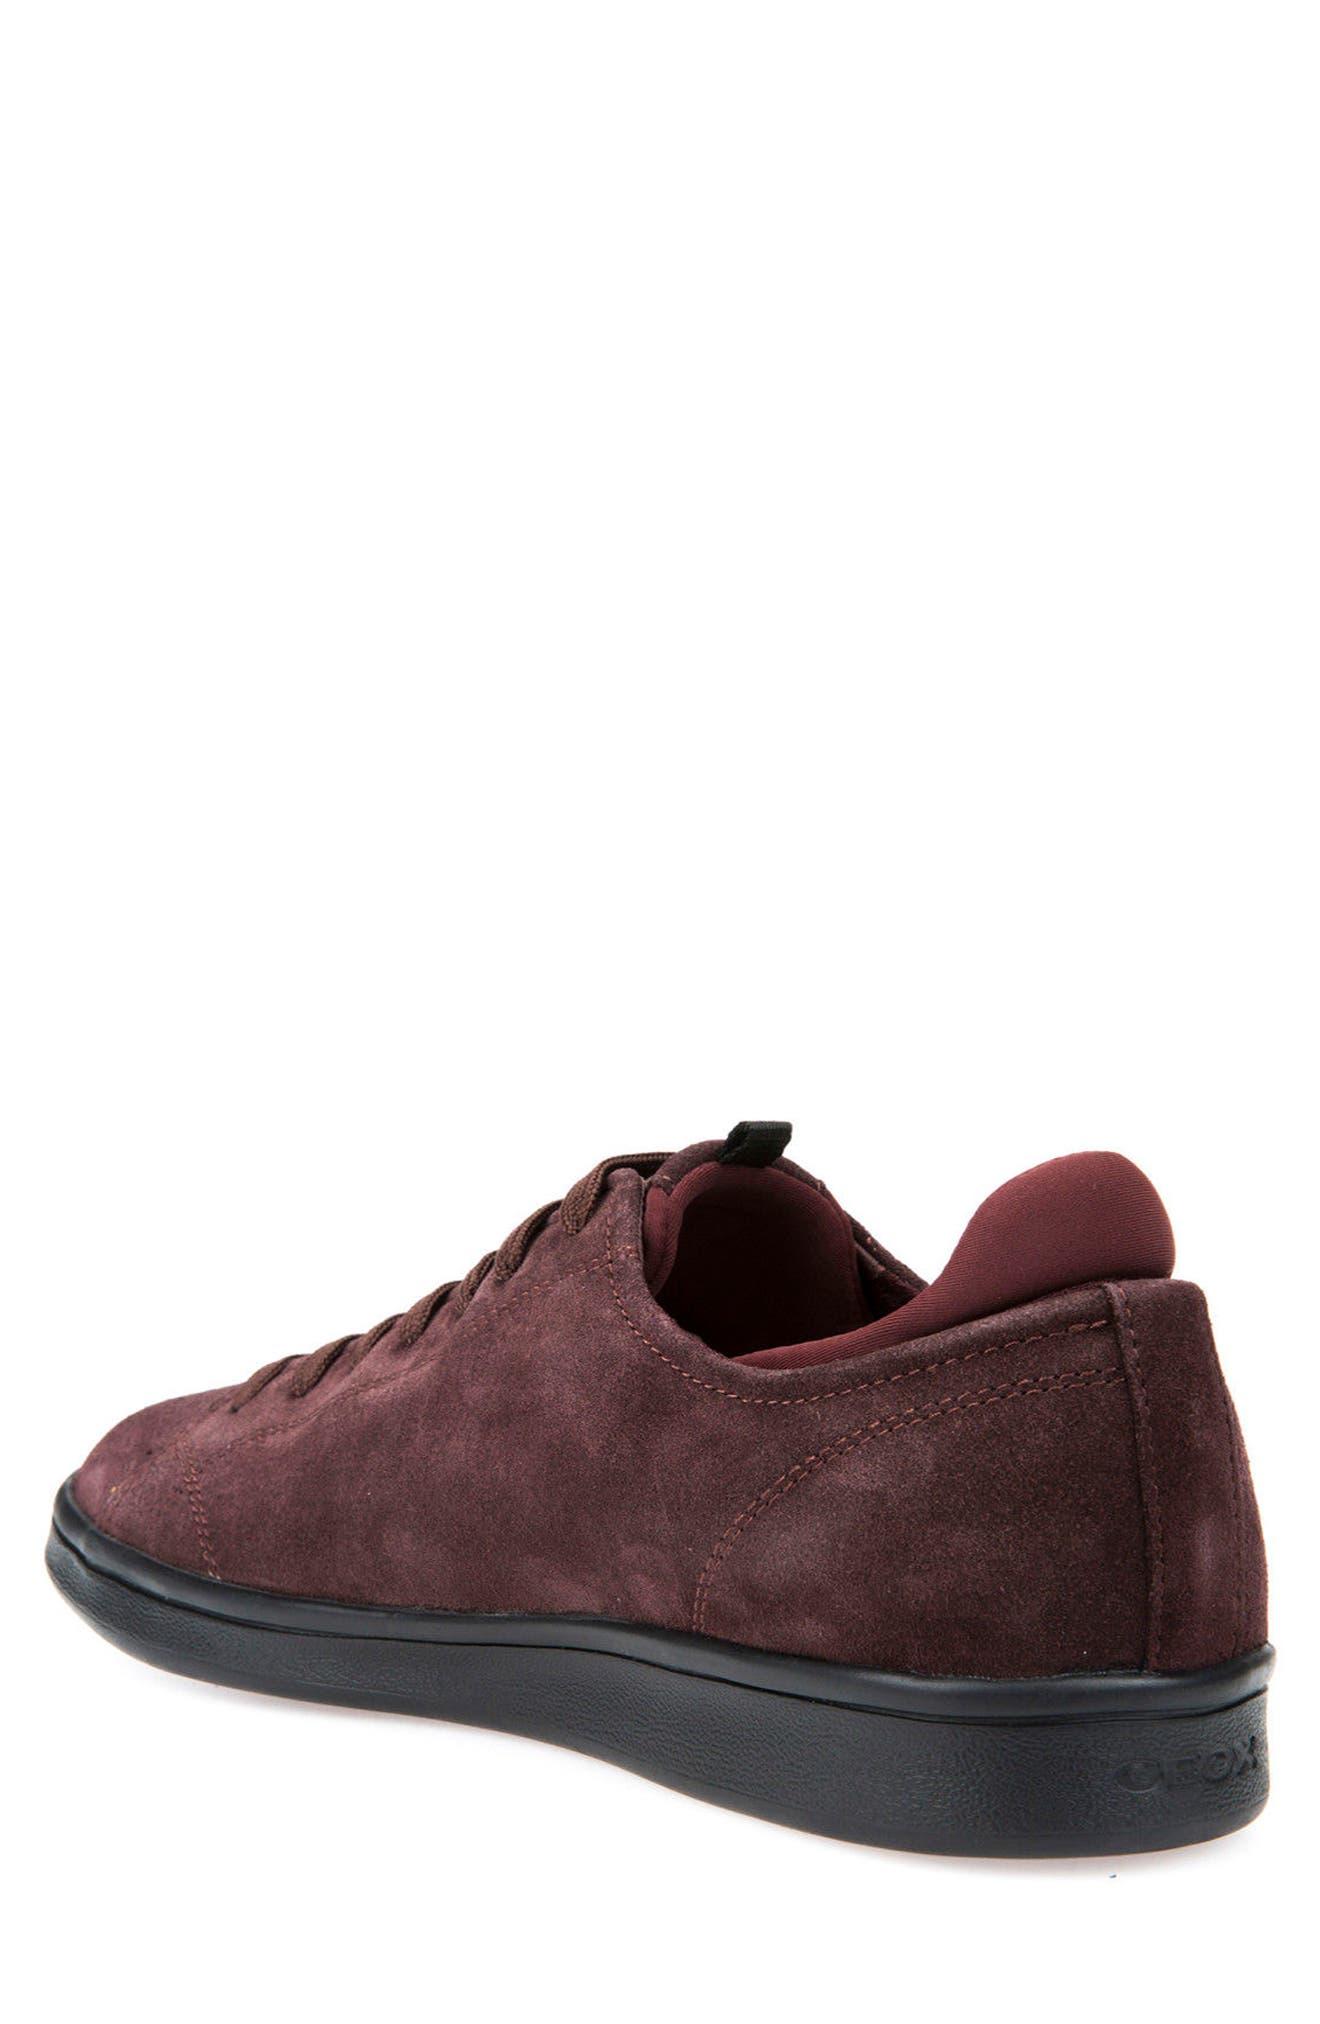 Warrens 8 Low-Top Sneaker,                             Alternate thumbnail 6, color,